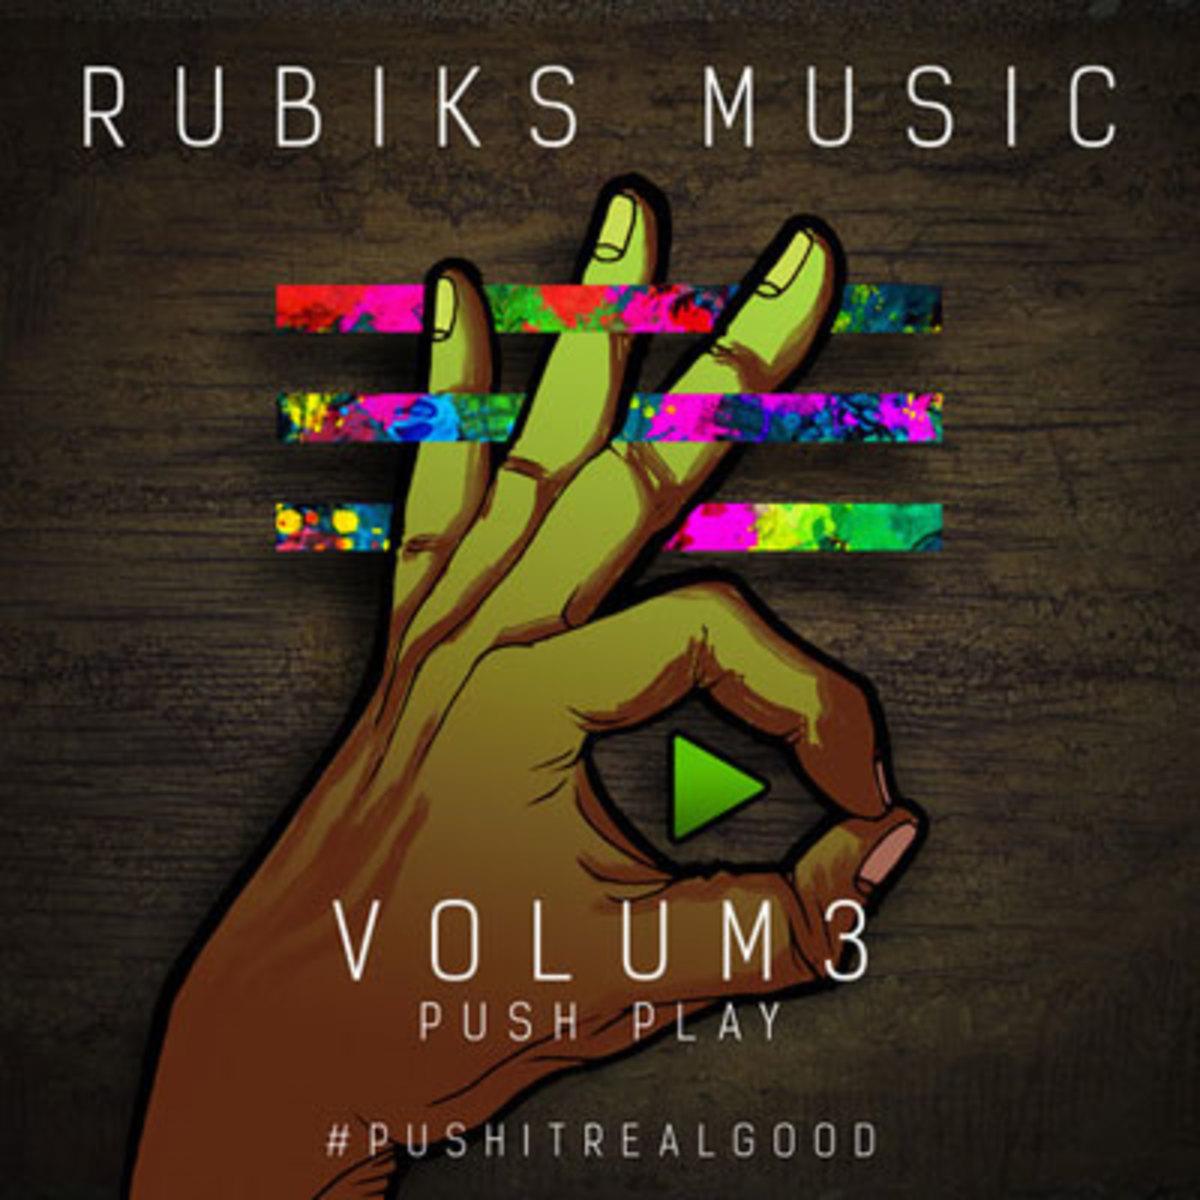 rubiks-rubicksmusicv3.jpg